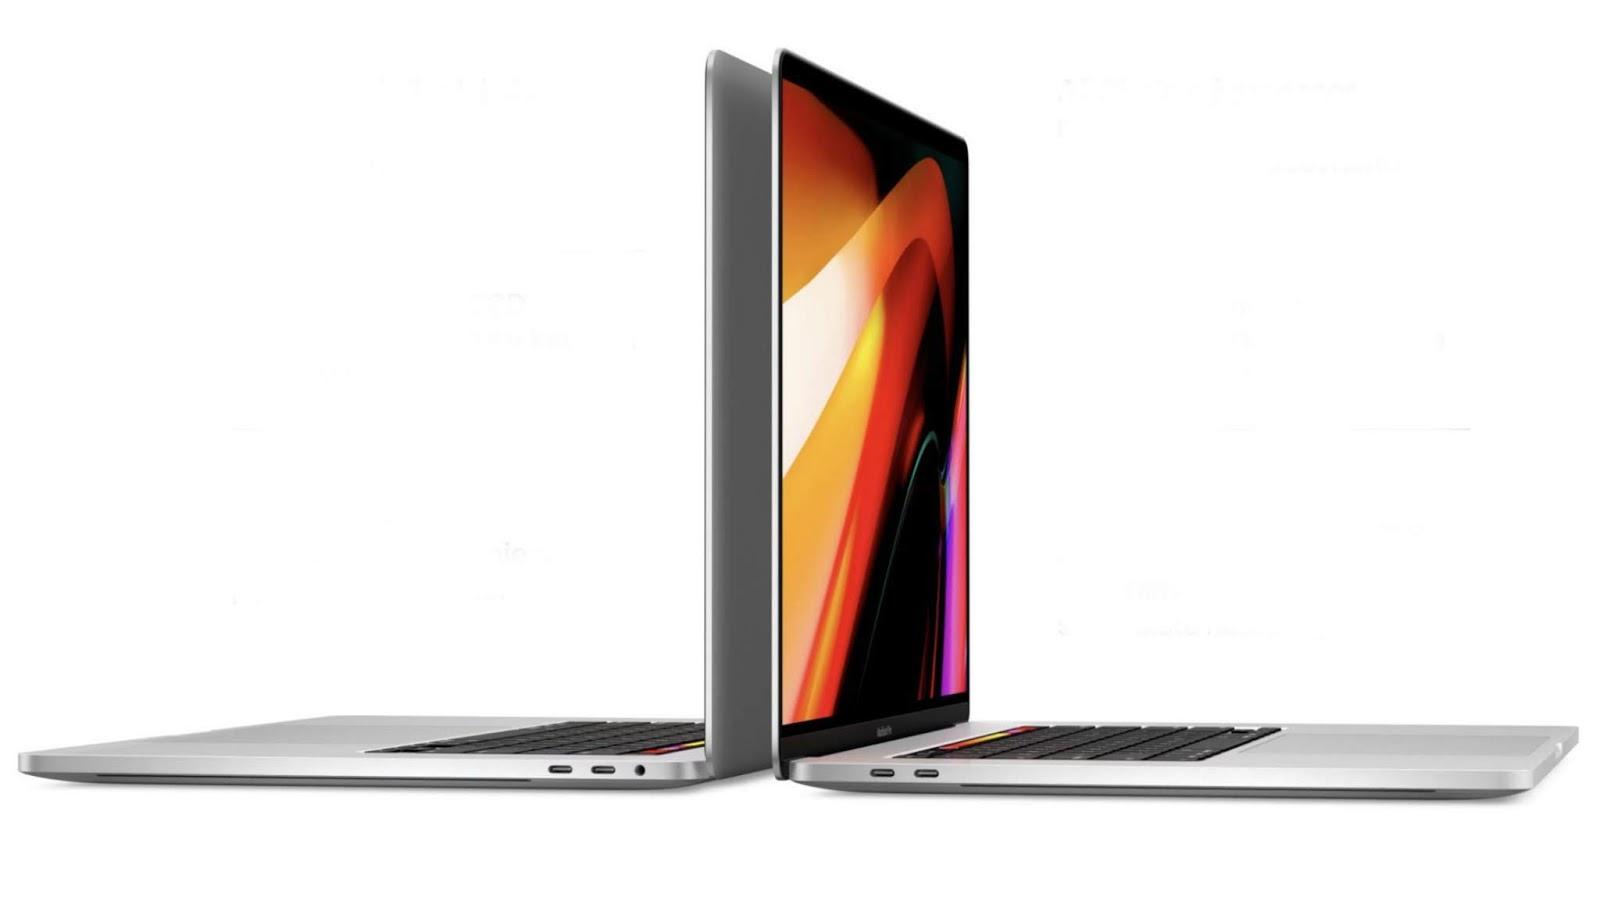 MacBook-Pro-16-inch